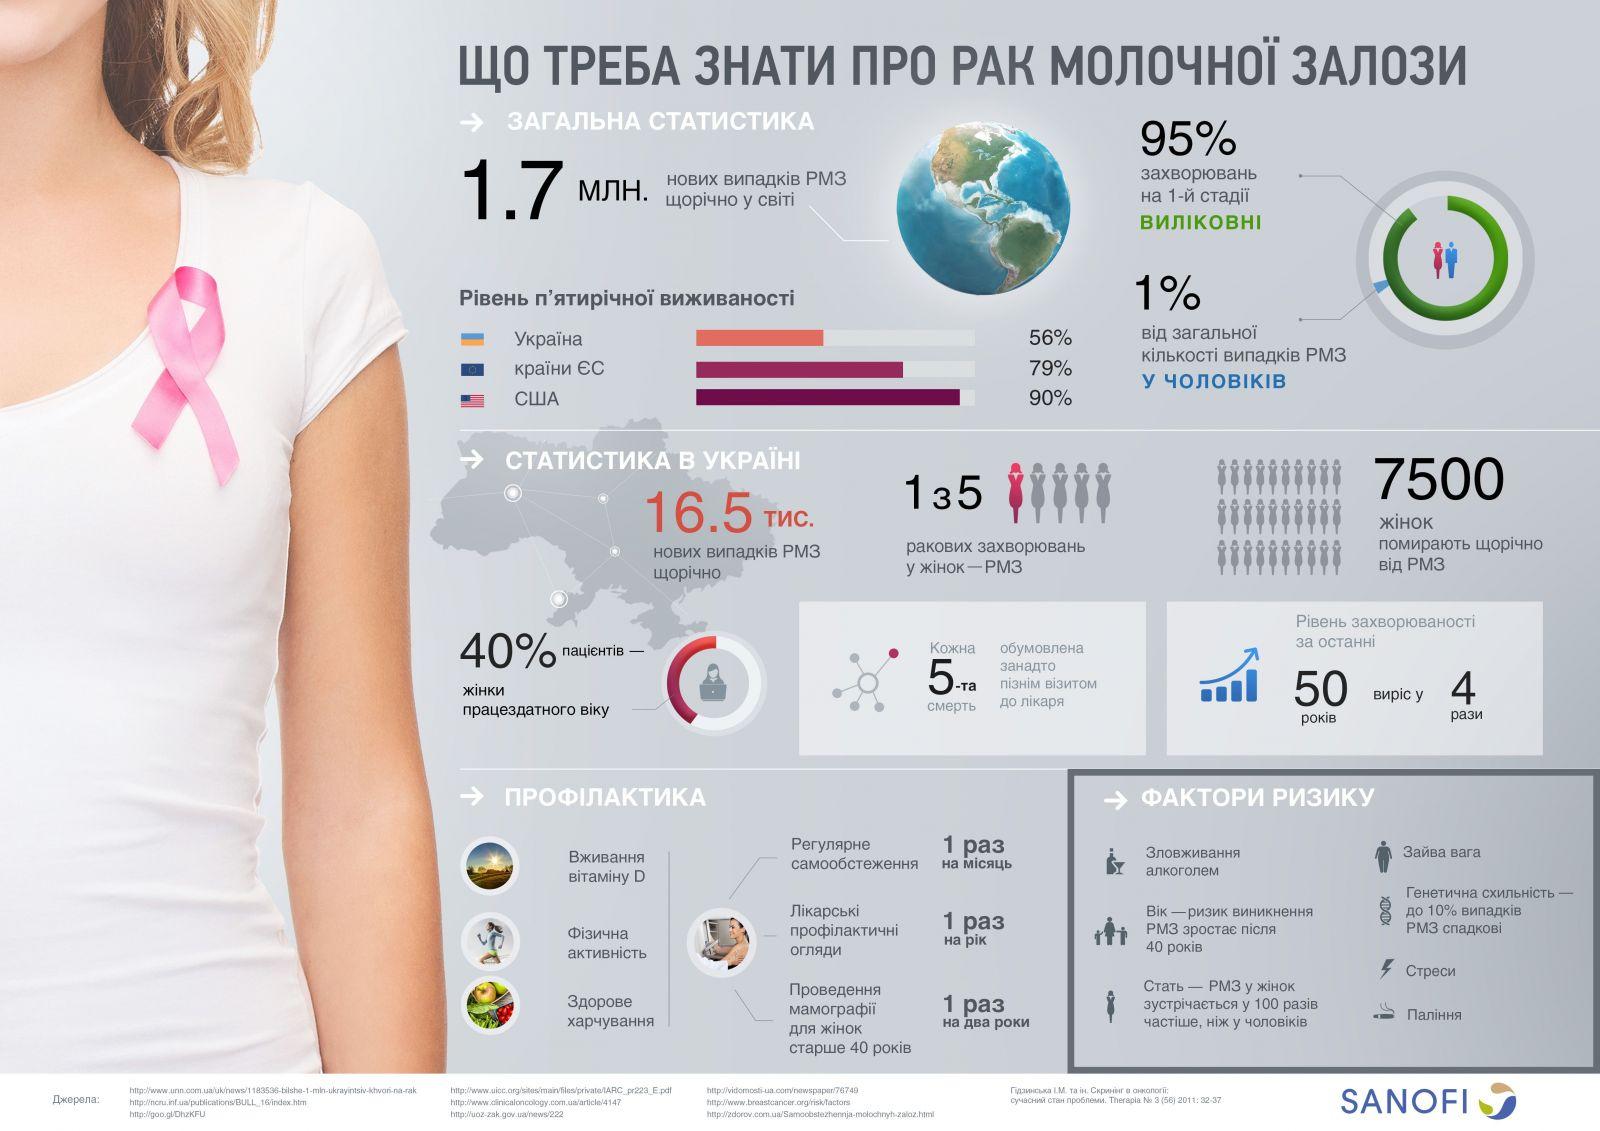 shho-treba-znaty-pro-rak-molochnoyi-zalozy_infografika-3